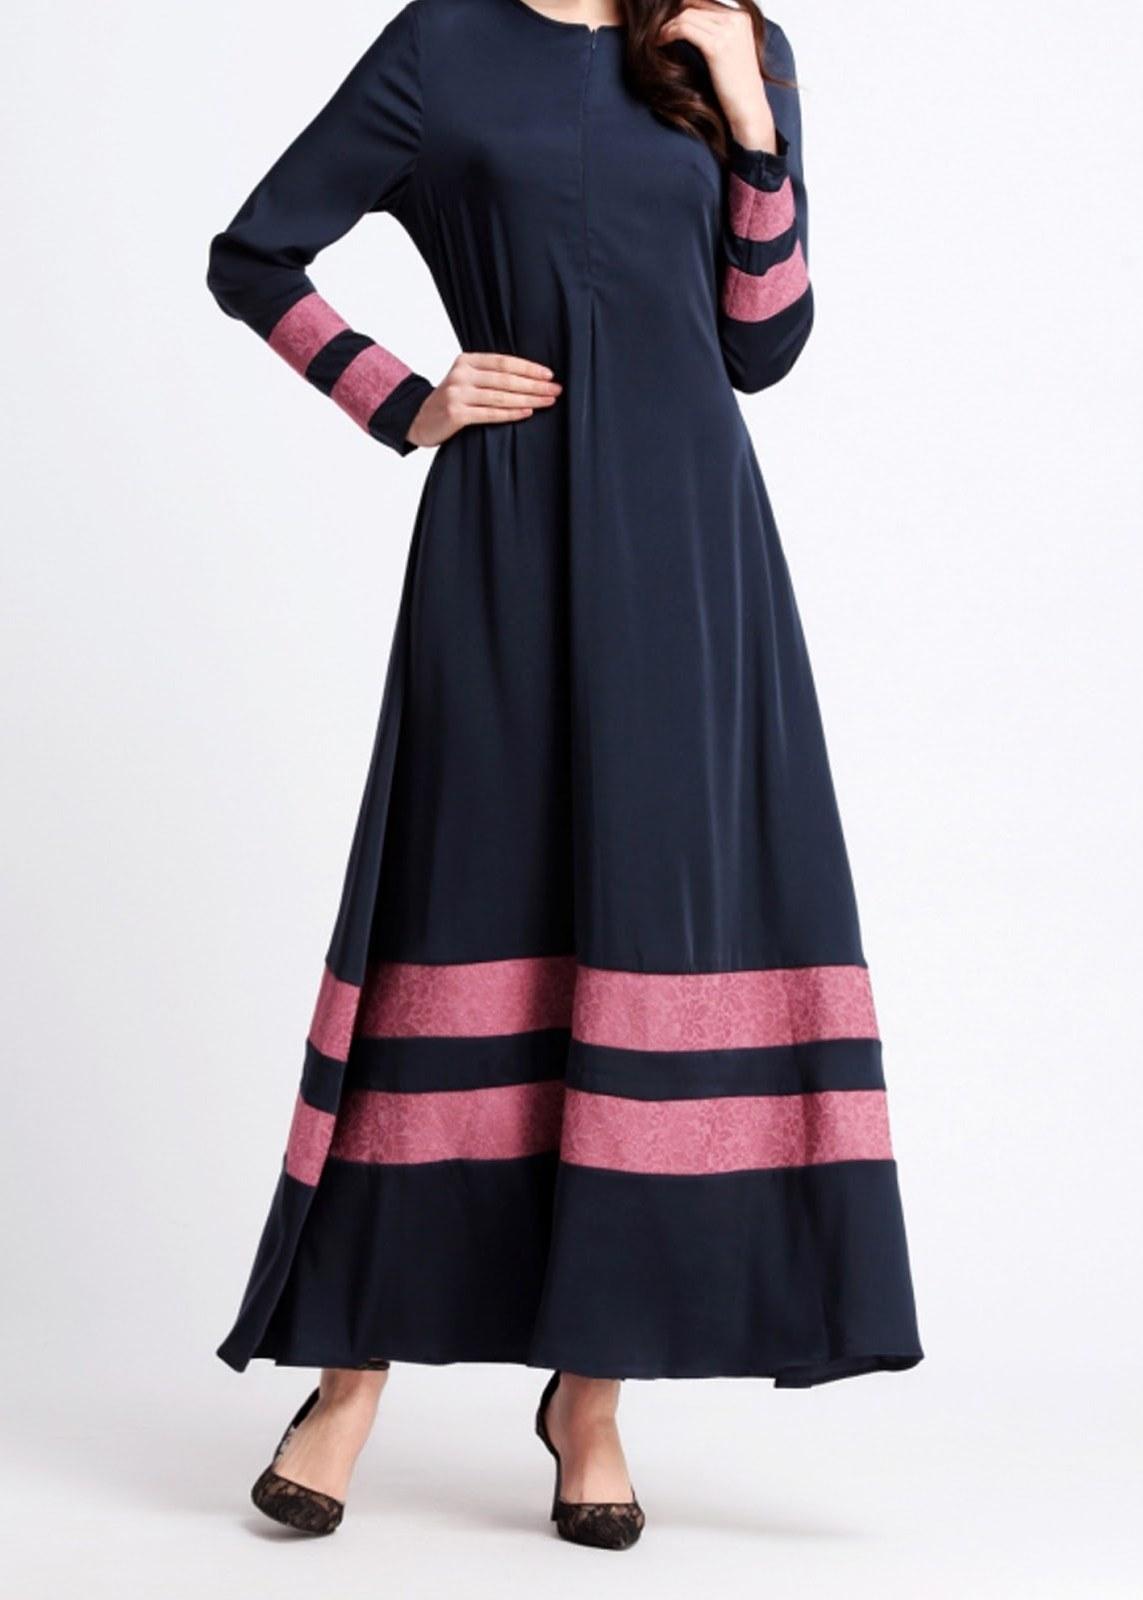 Ide Jual Baju Pengantin Muslimah Syar'i Rldj norzi Beautilicious House Nbh0491 Insyikah Jubah Nursing